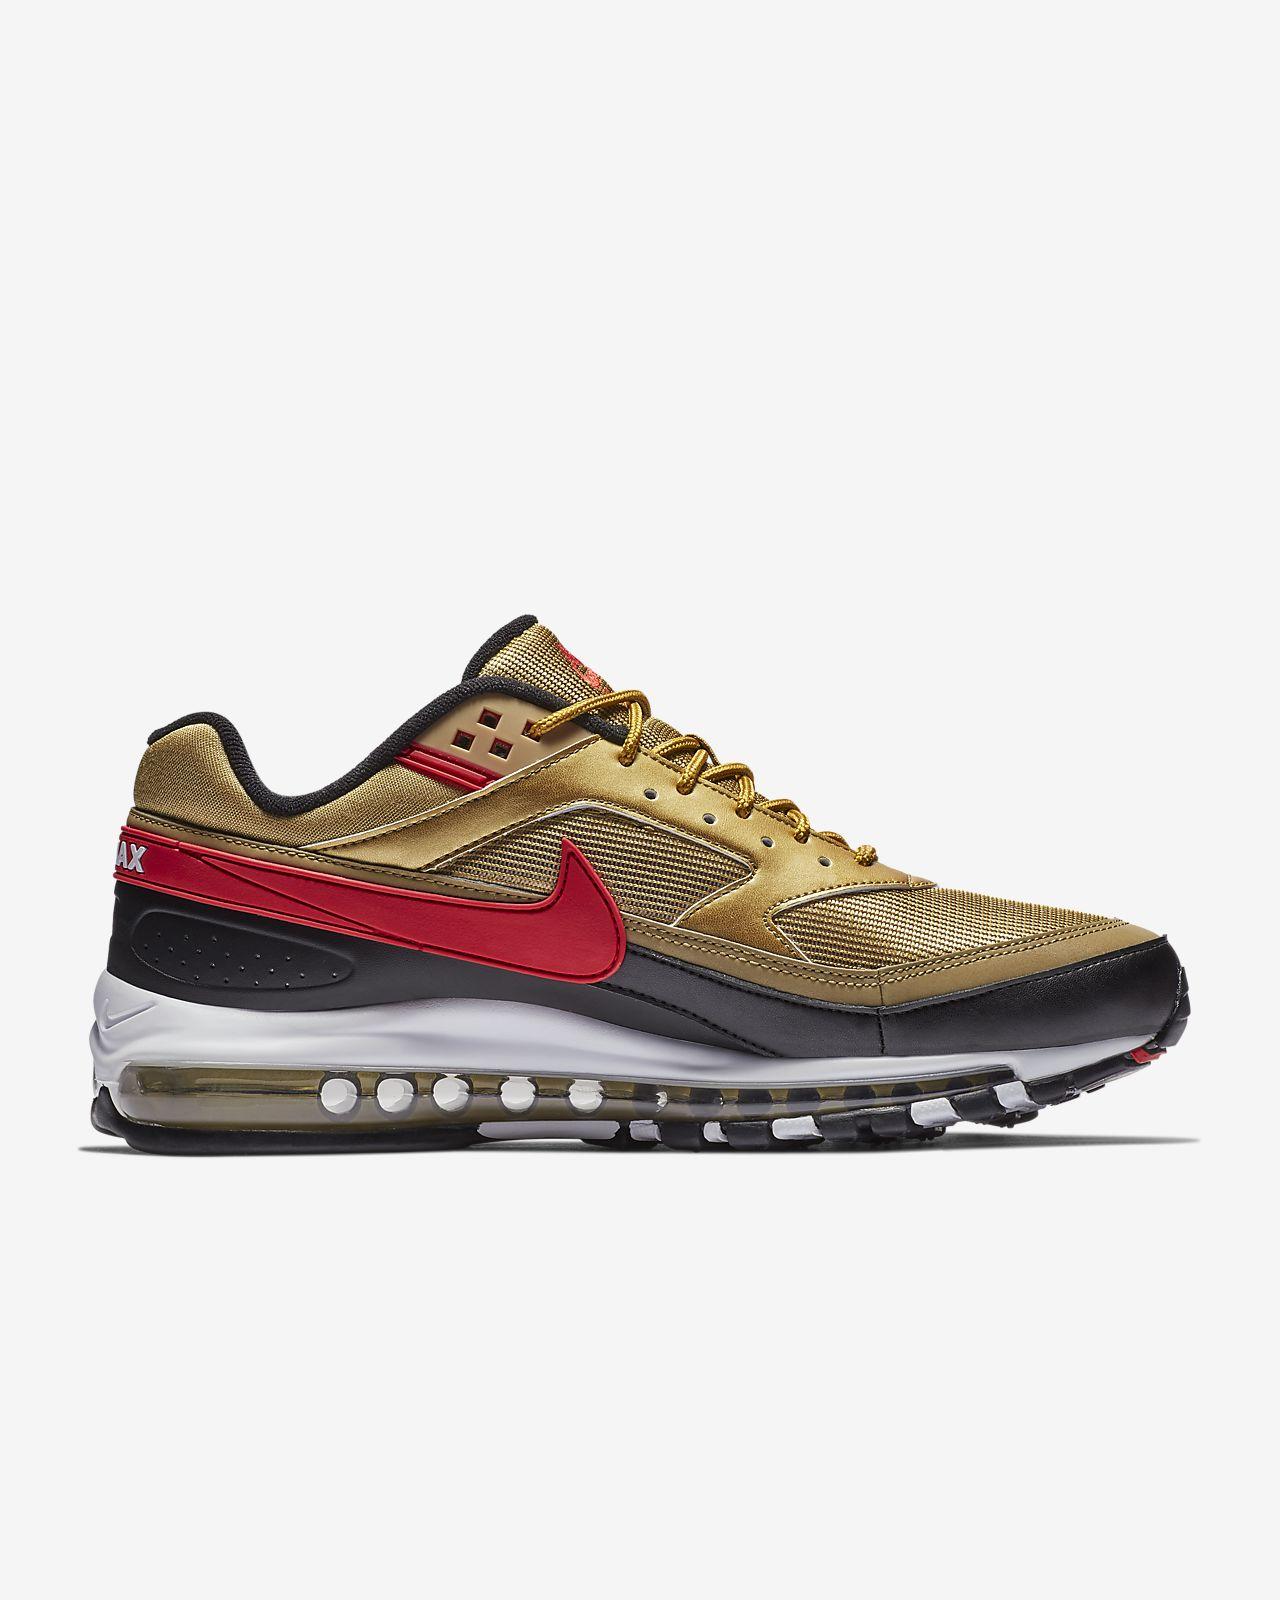 scarpe nike 97 uomo